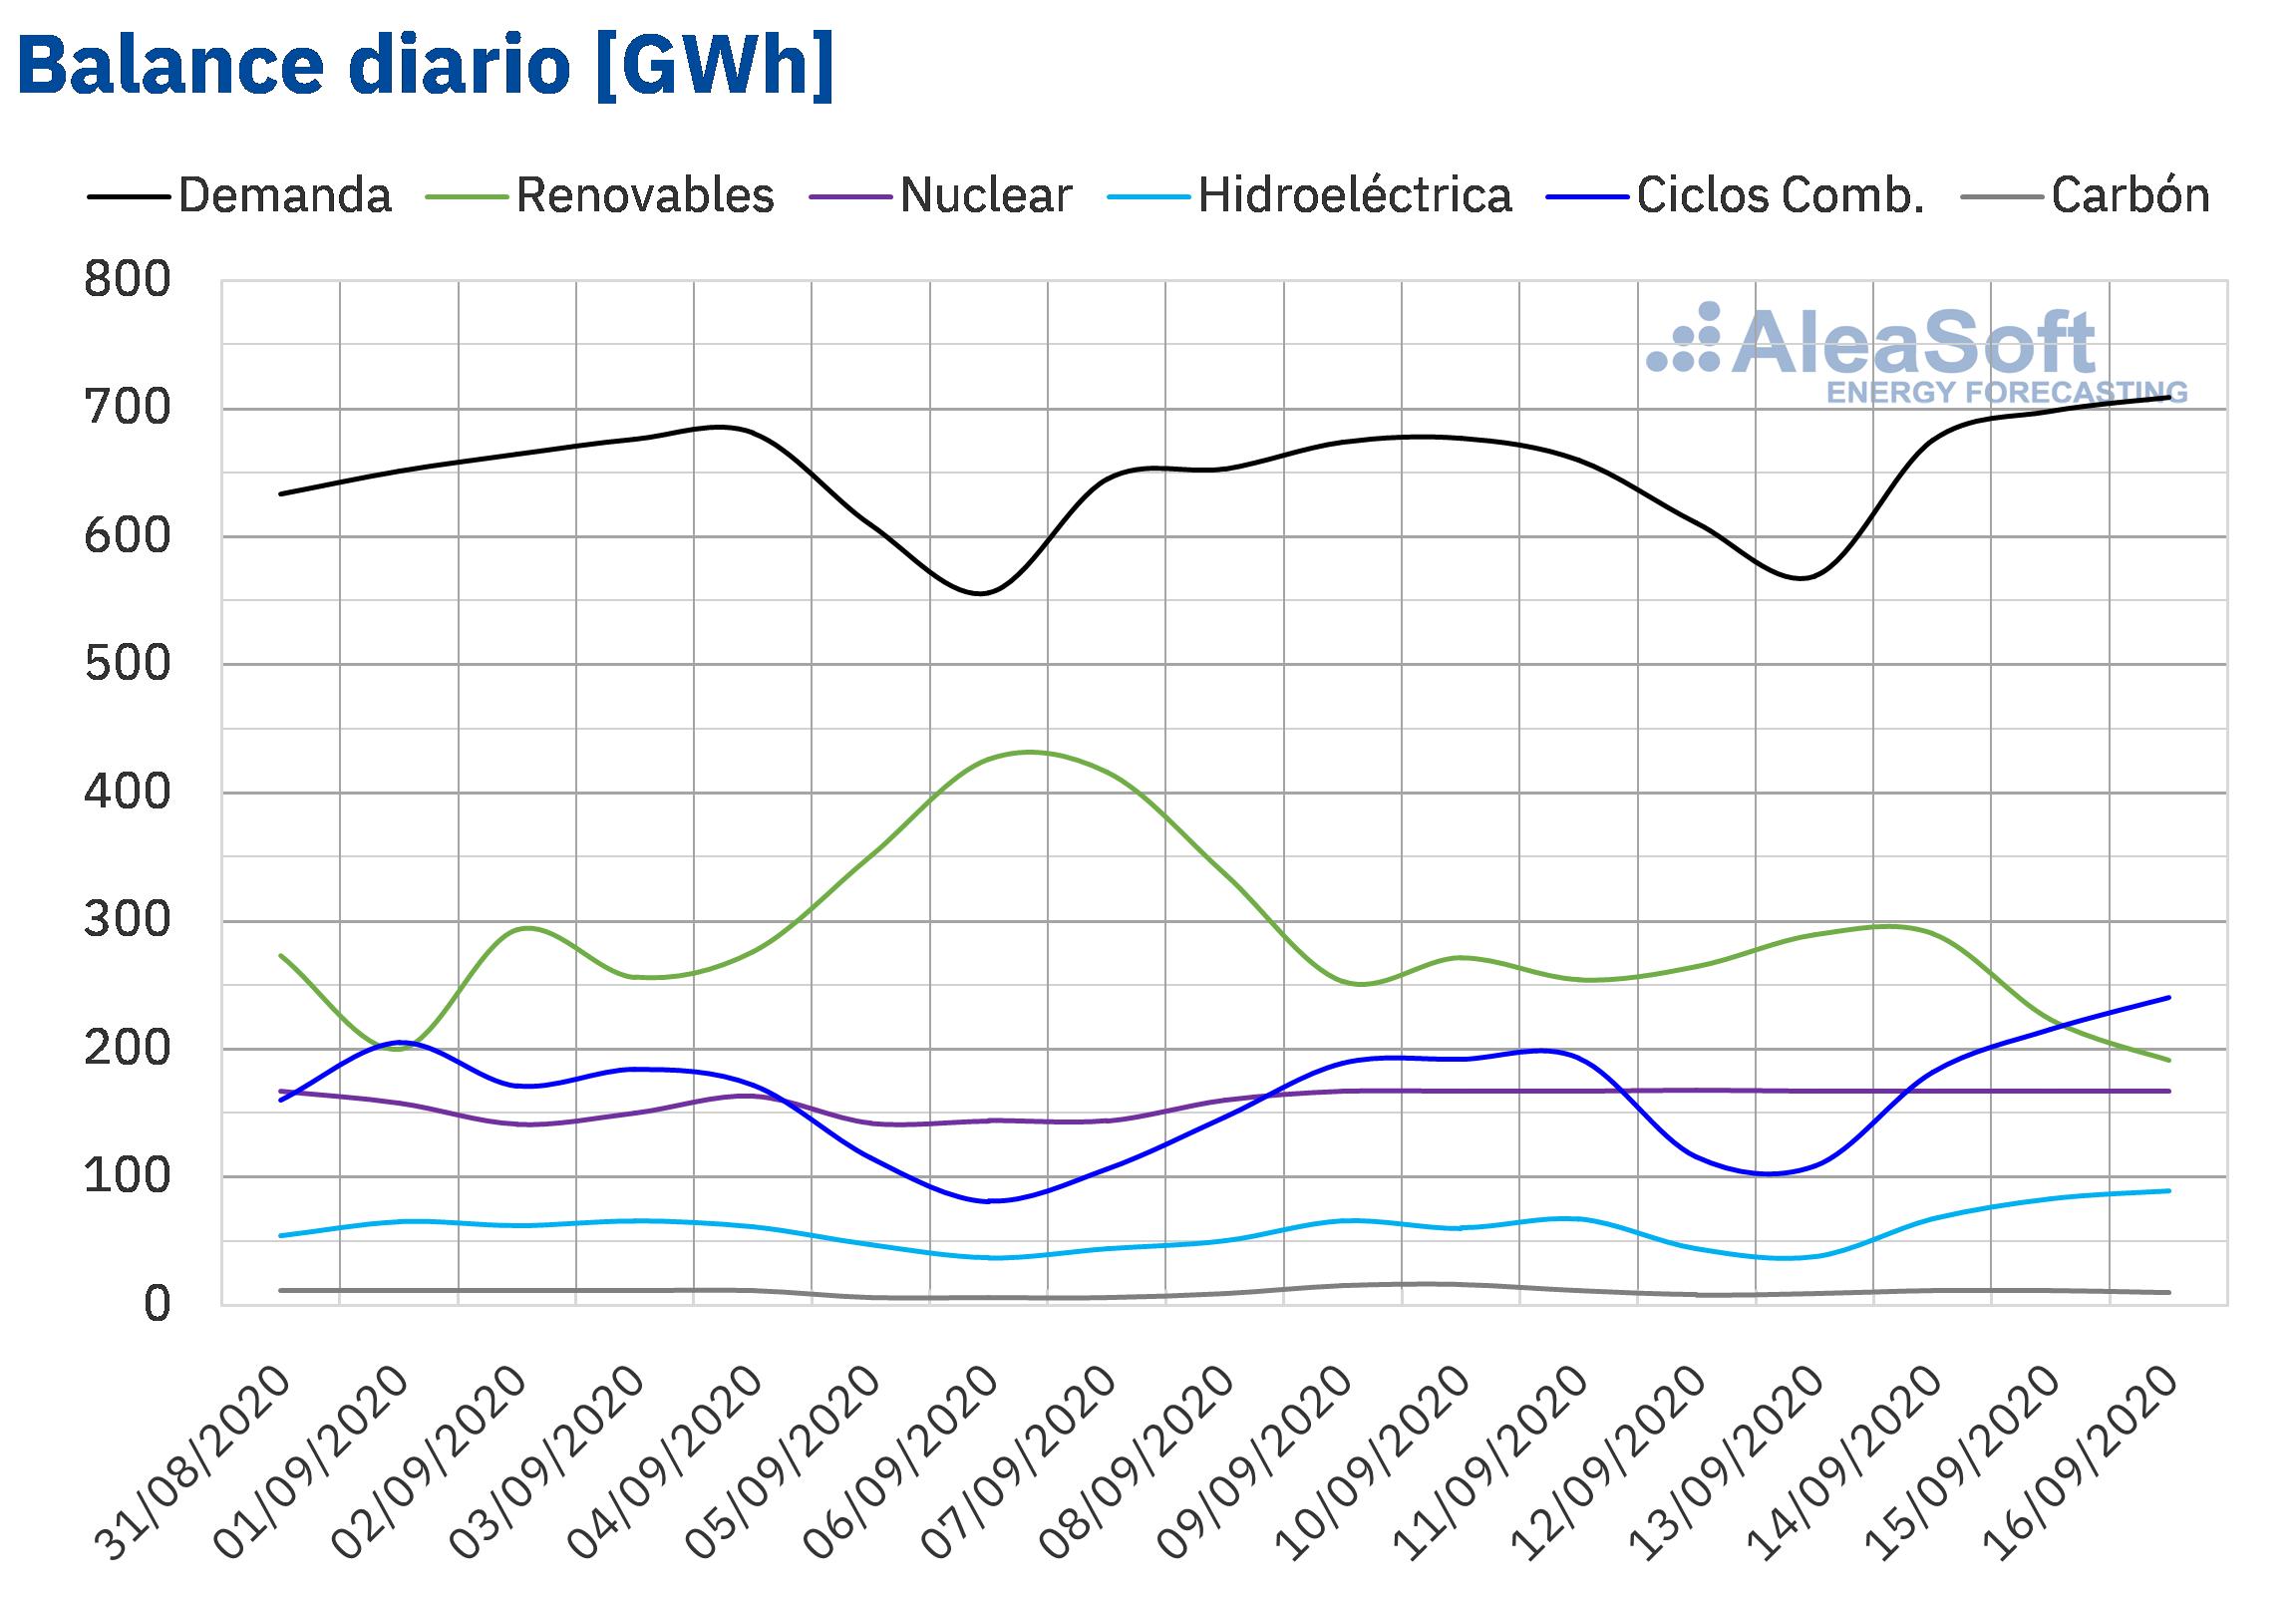 AleaSoft - Balance diario de electricidad de España de demanda y producción